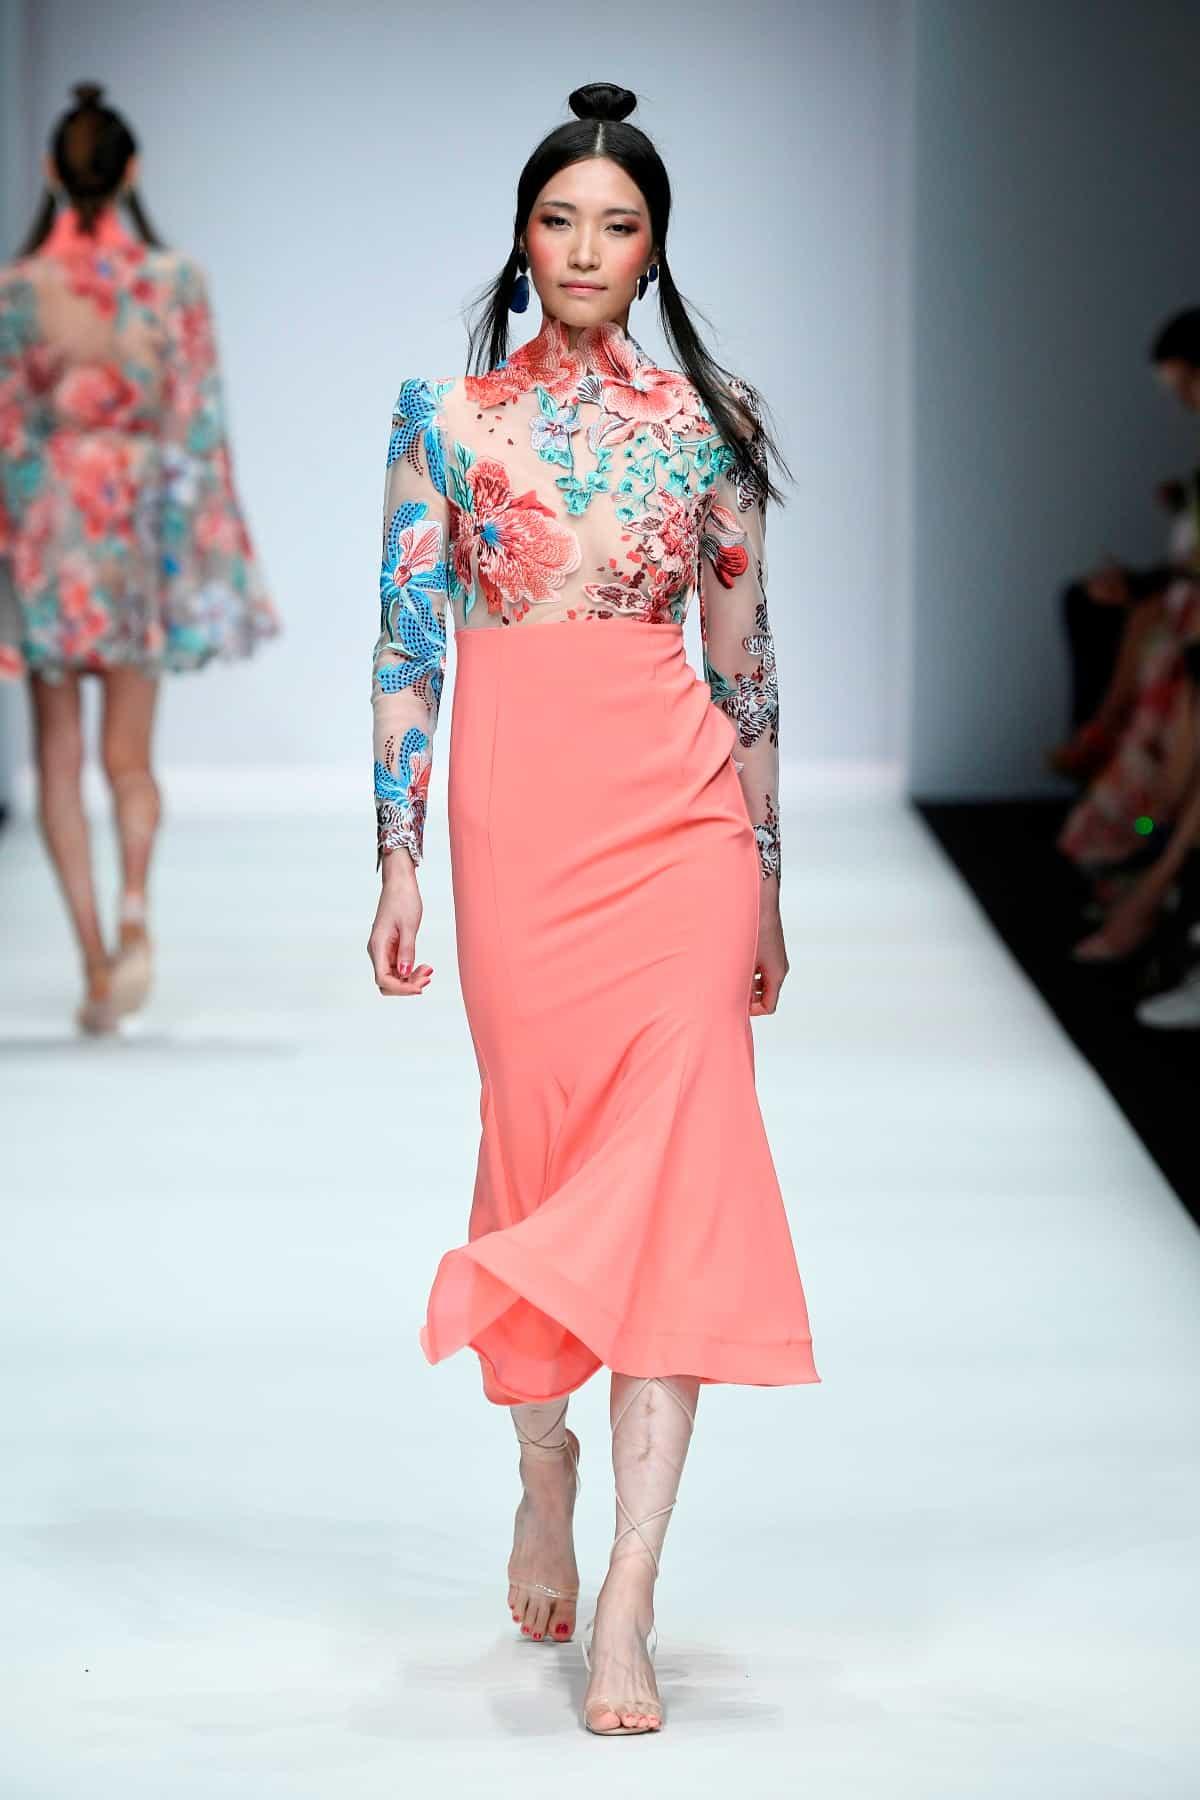 Sommerkleider 2020 von Lana Mueller zur MBFW auf der Fashion Week Berlin Juli 2019 - 2